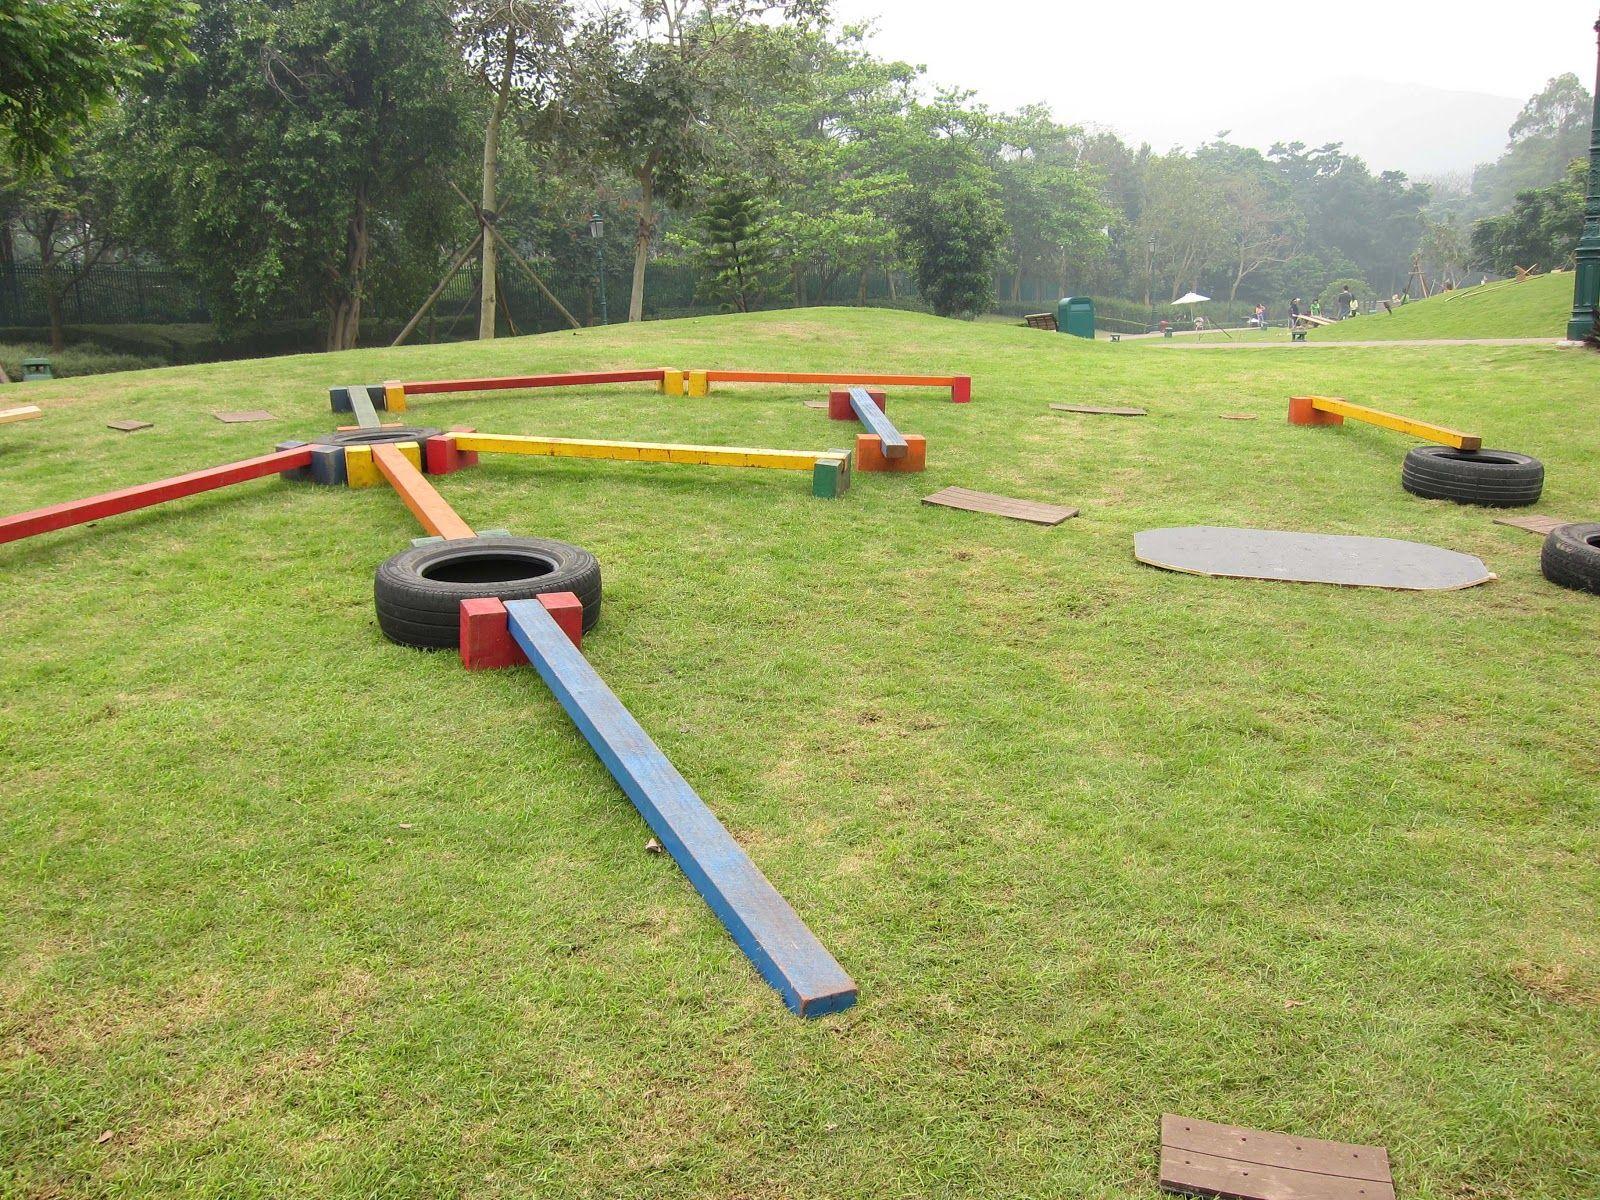 Img 4995 Jpg 1600 1200 Diy Playground Diy Kids Playground Outdoor Fun For Kids Diy backyard roller coaster kit